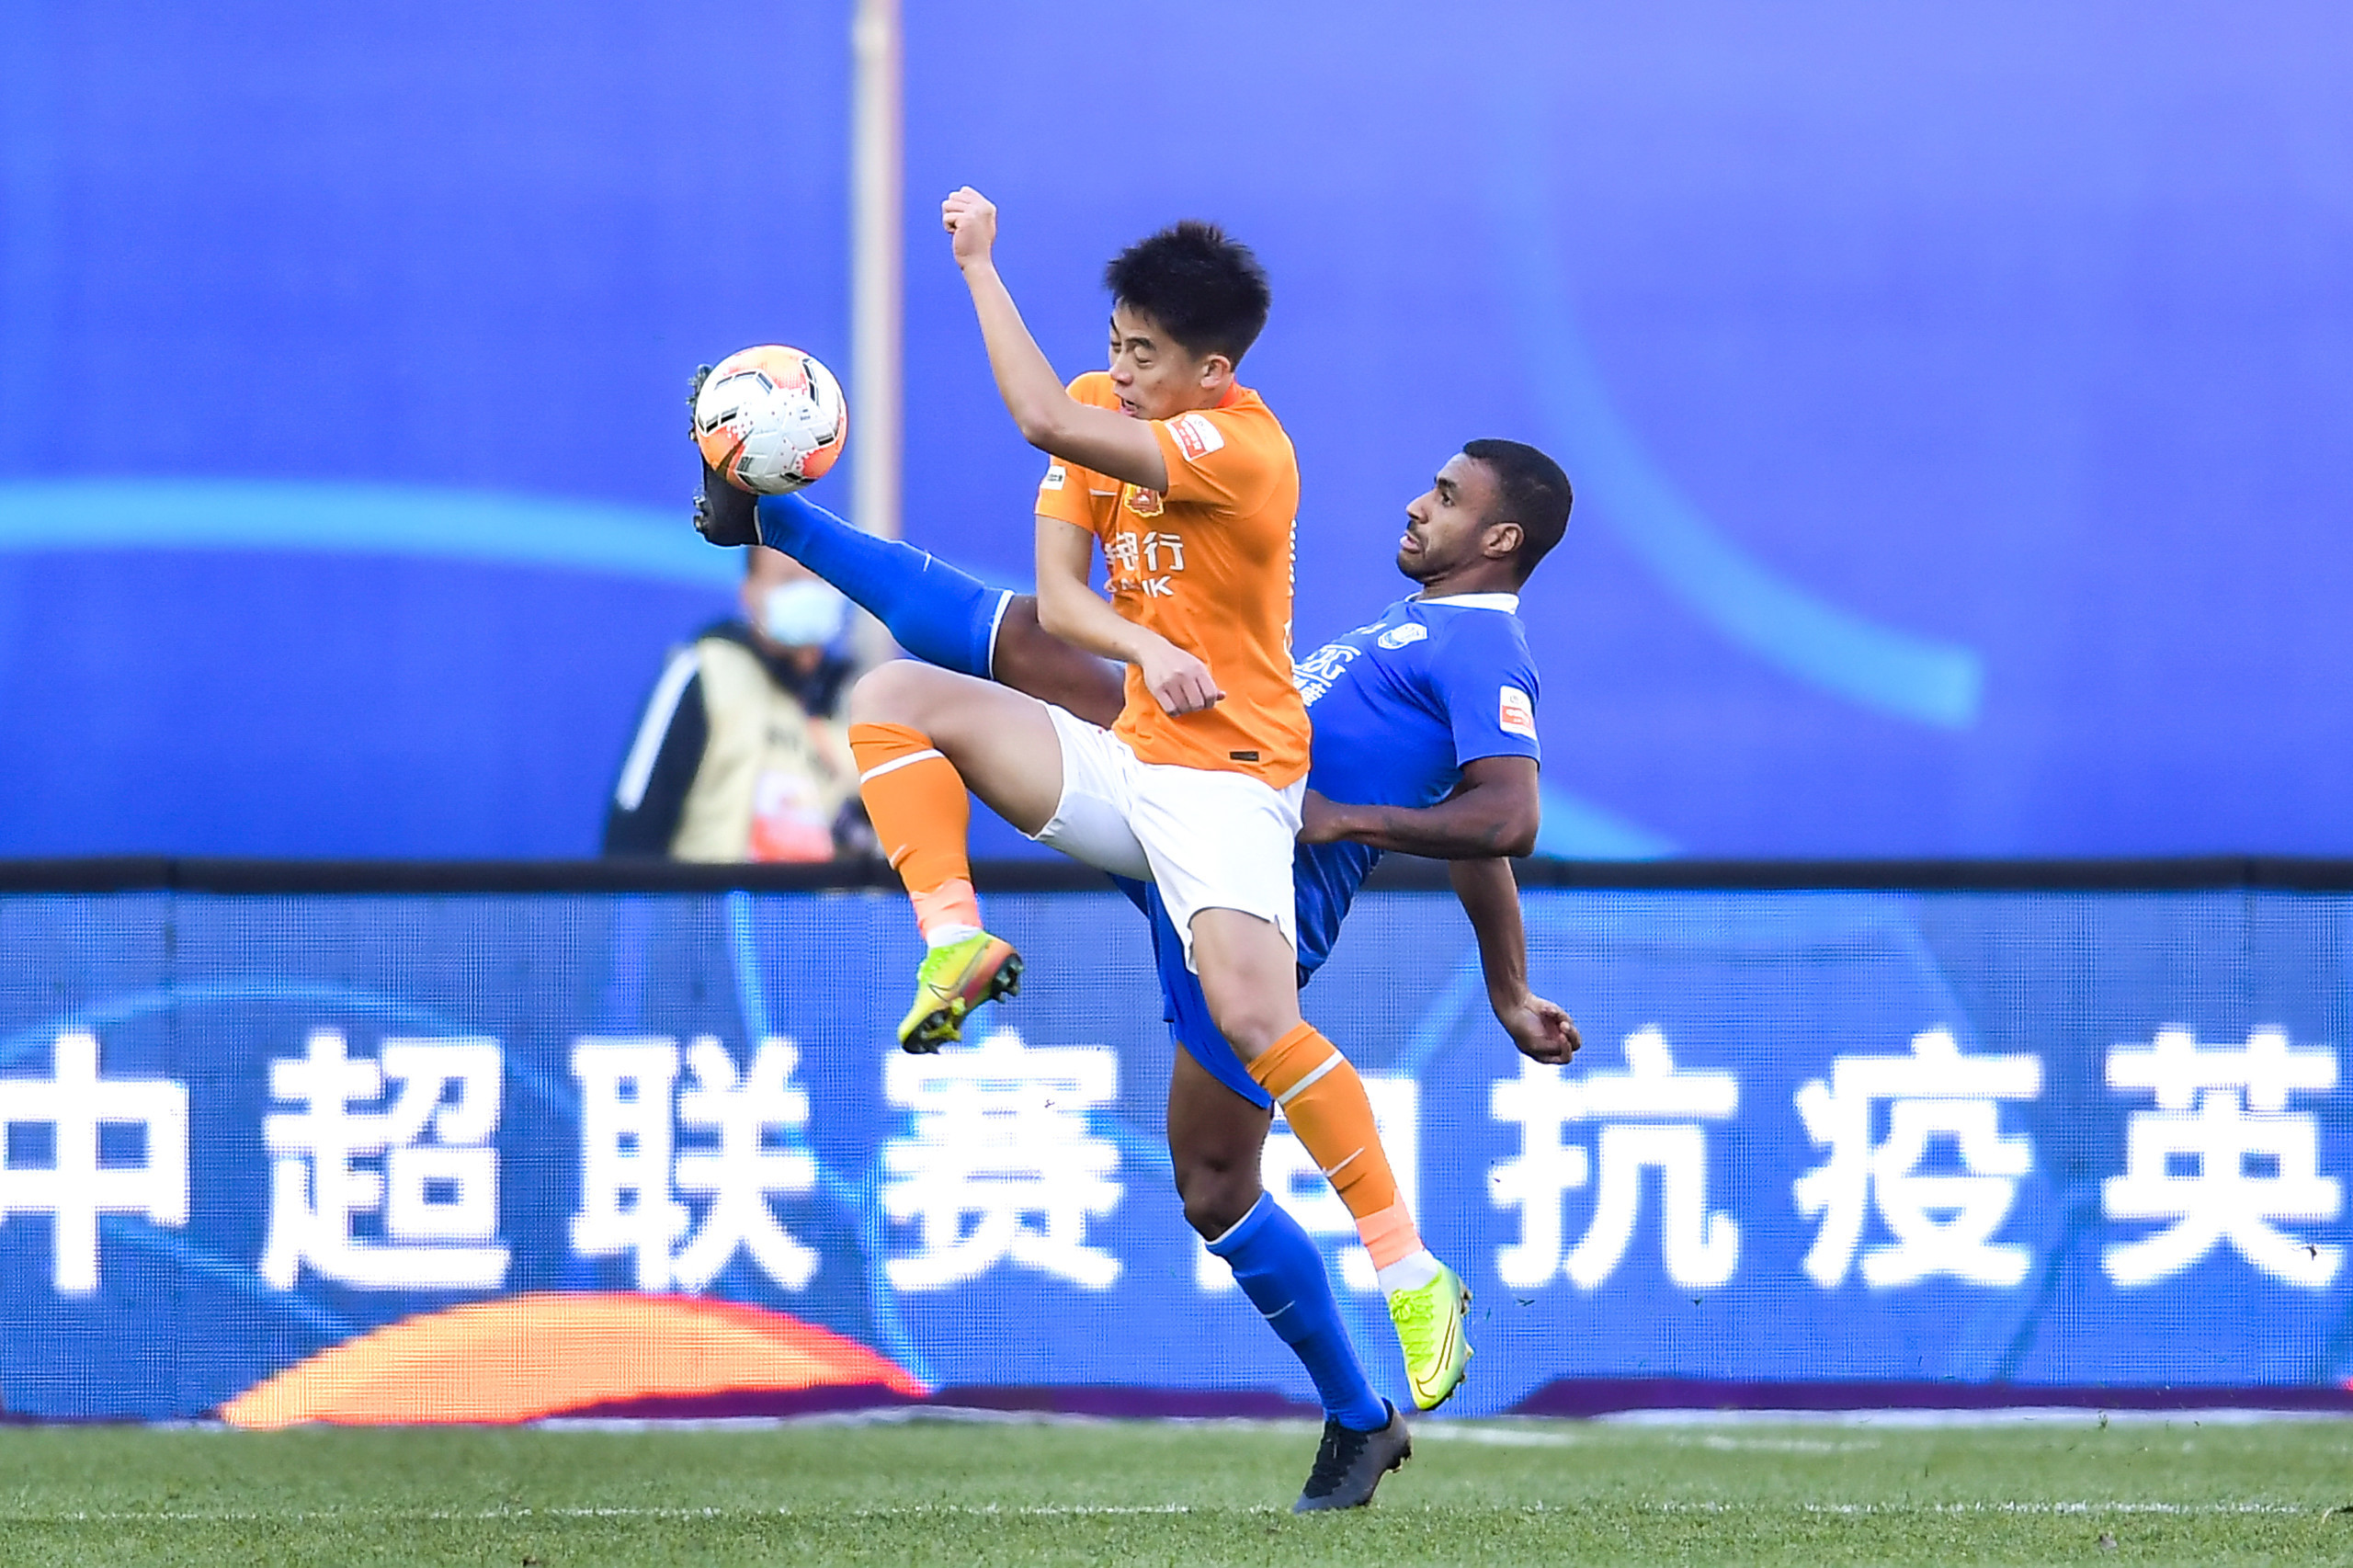 保级战:穆里奇失良机廖均健救险,卓尔0-0永昌